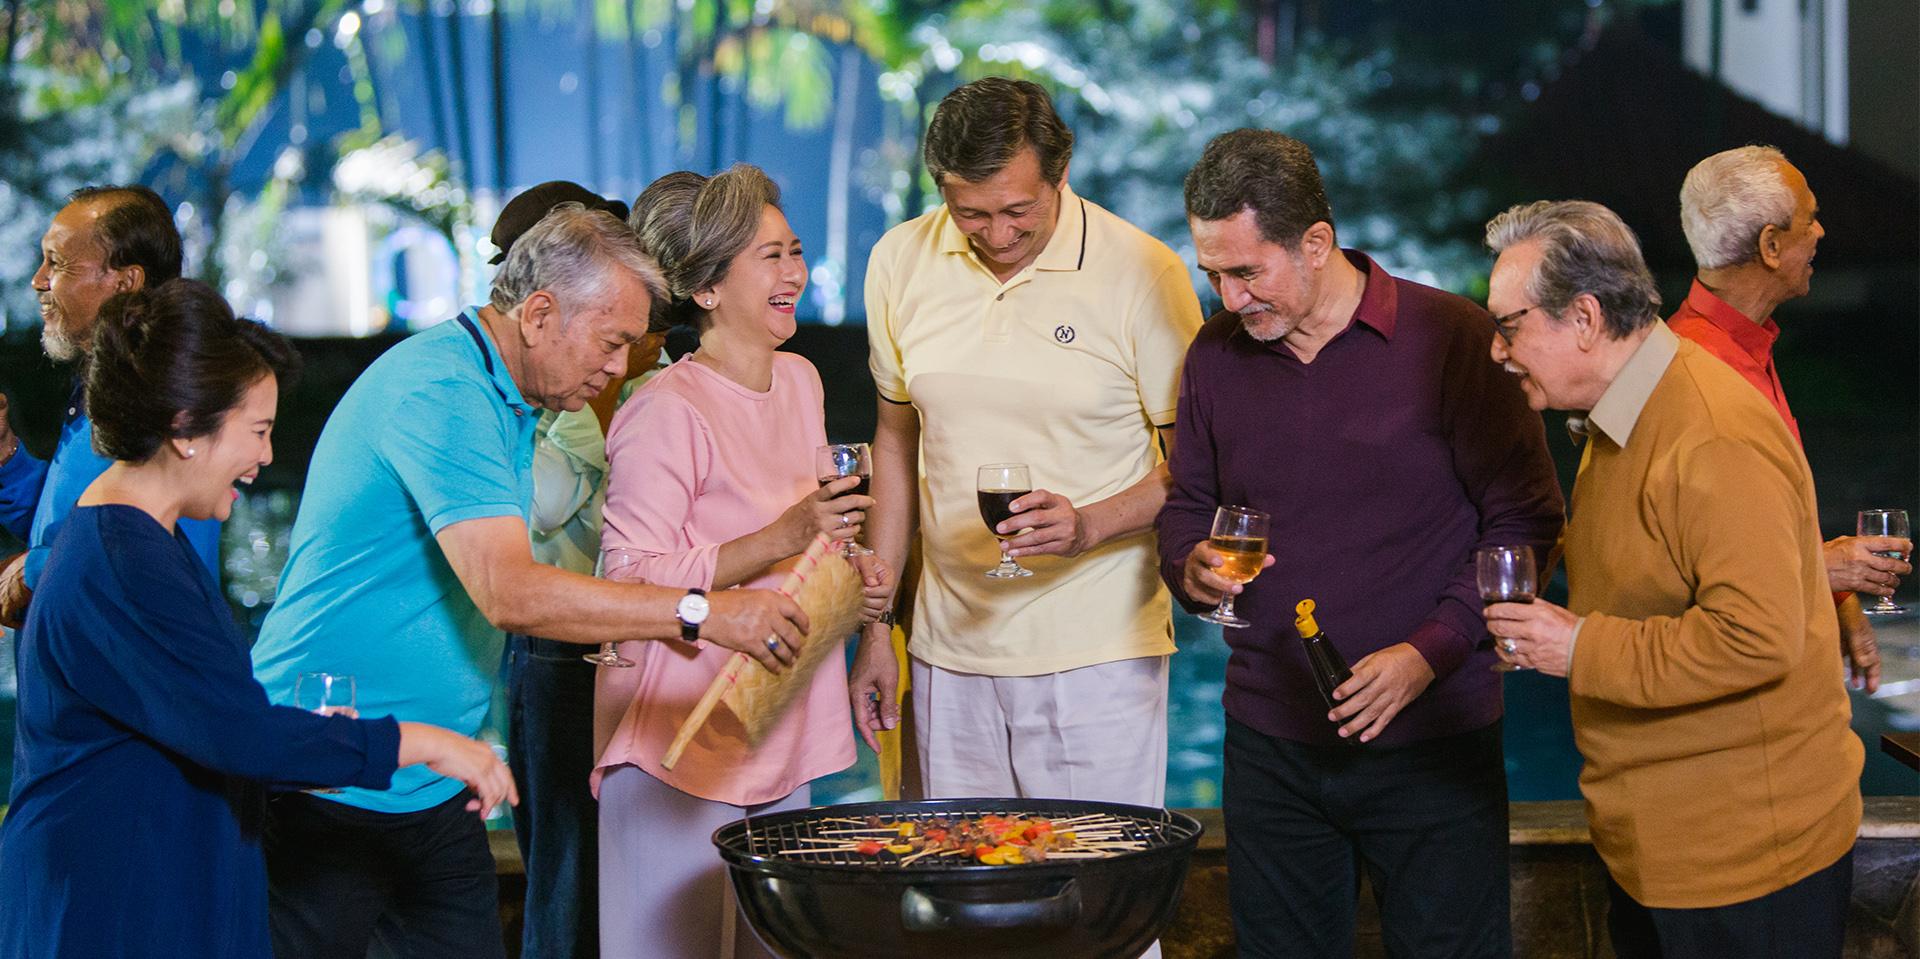 RUKUN Senior Living merupakan senior living indonesia yang pertama, menyajikan solusi bagi setiap gaya hidup warga senior. Kami berada di kawasan terpadu...